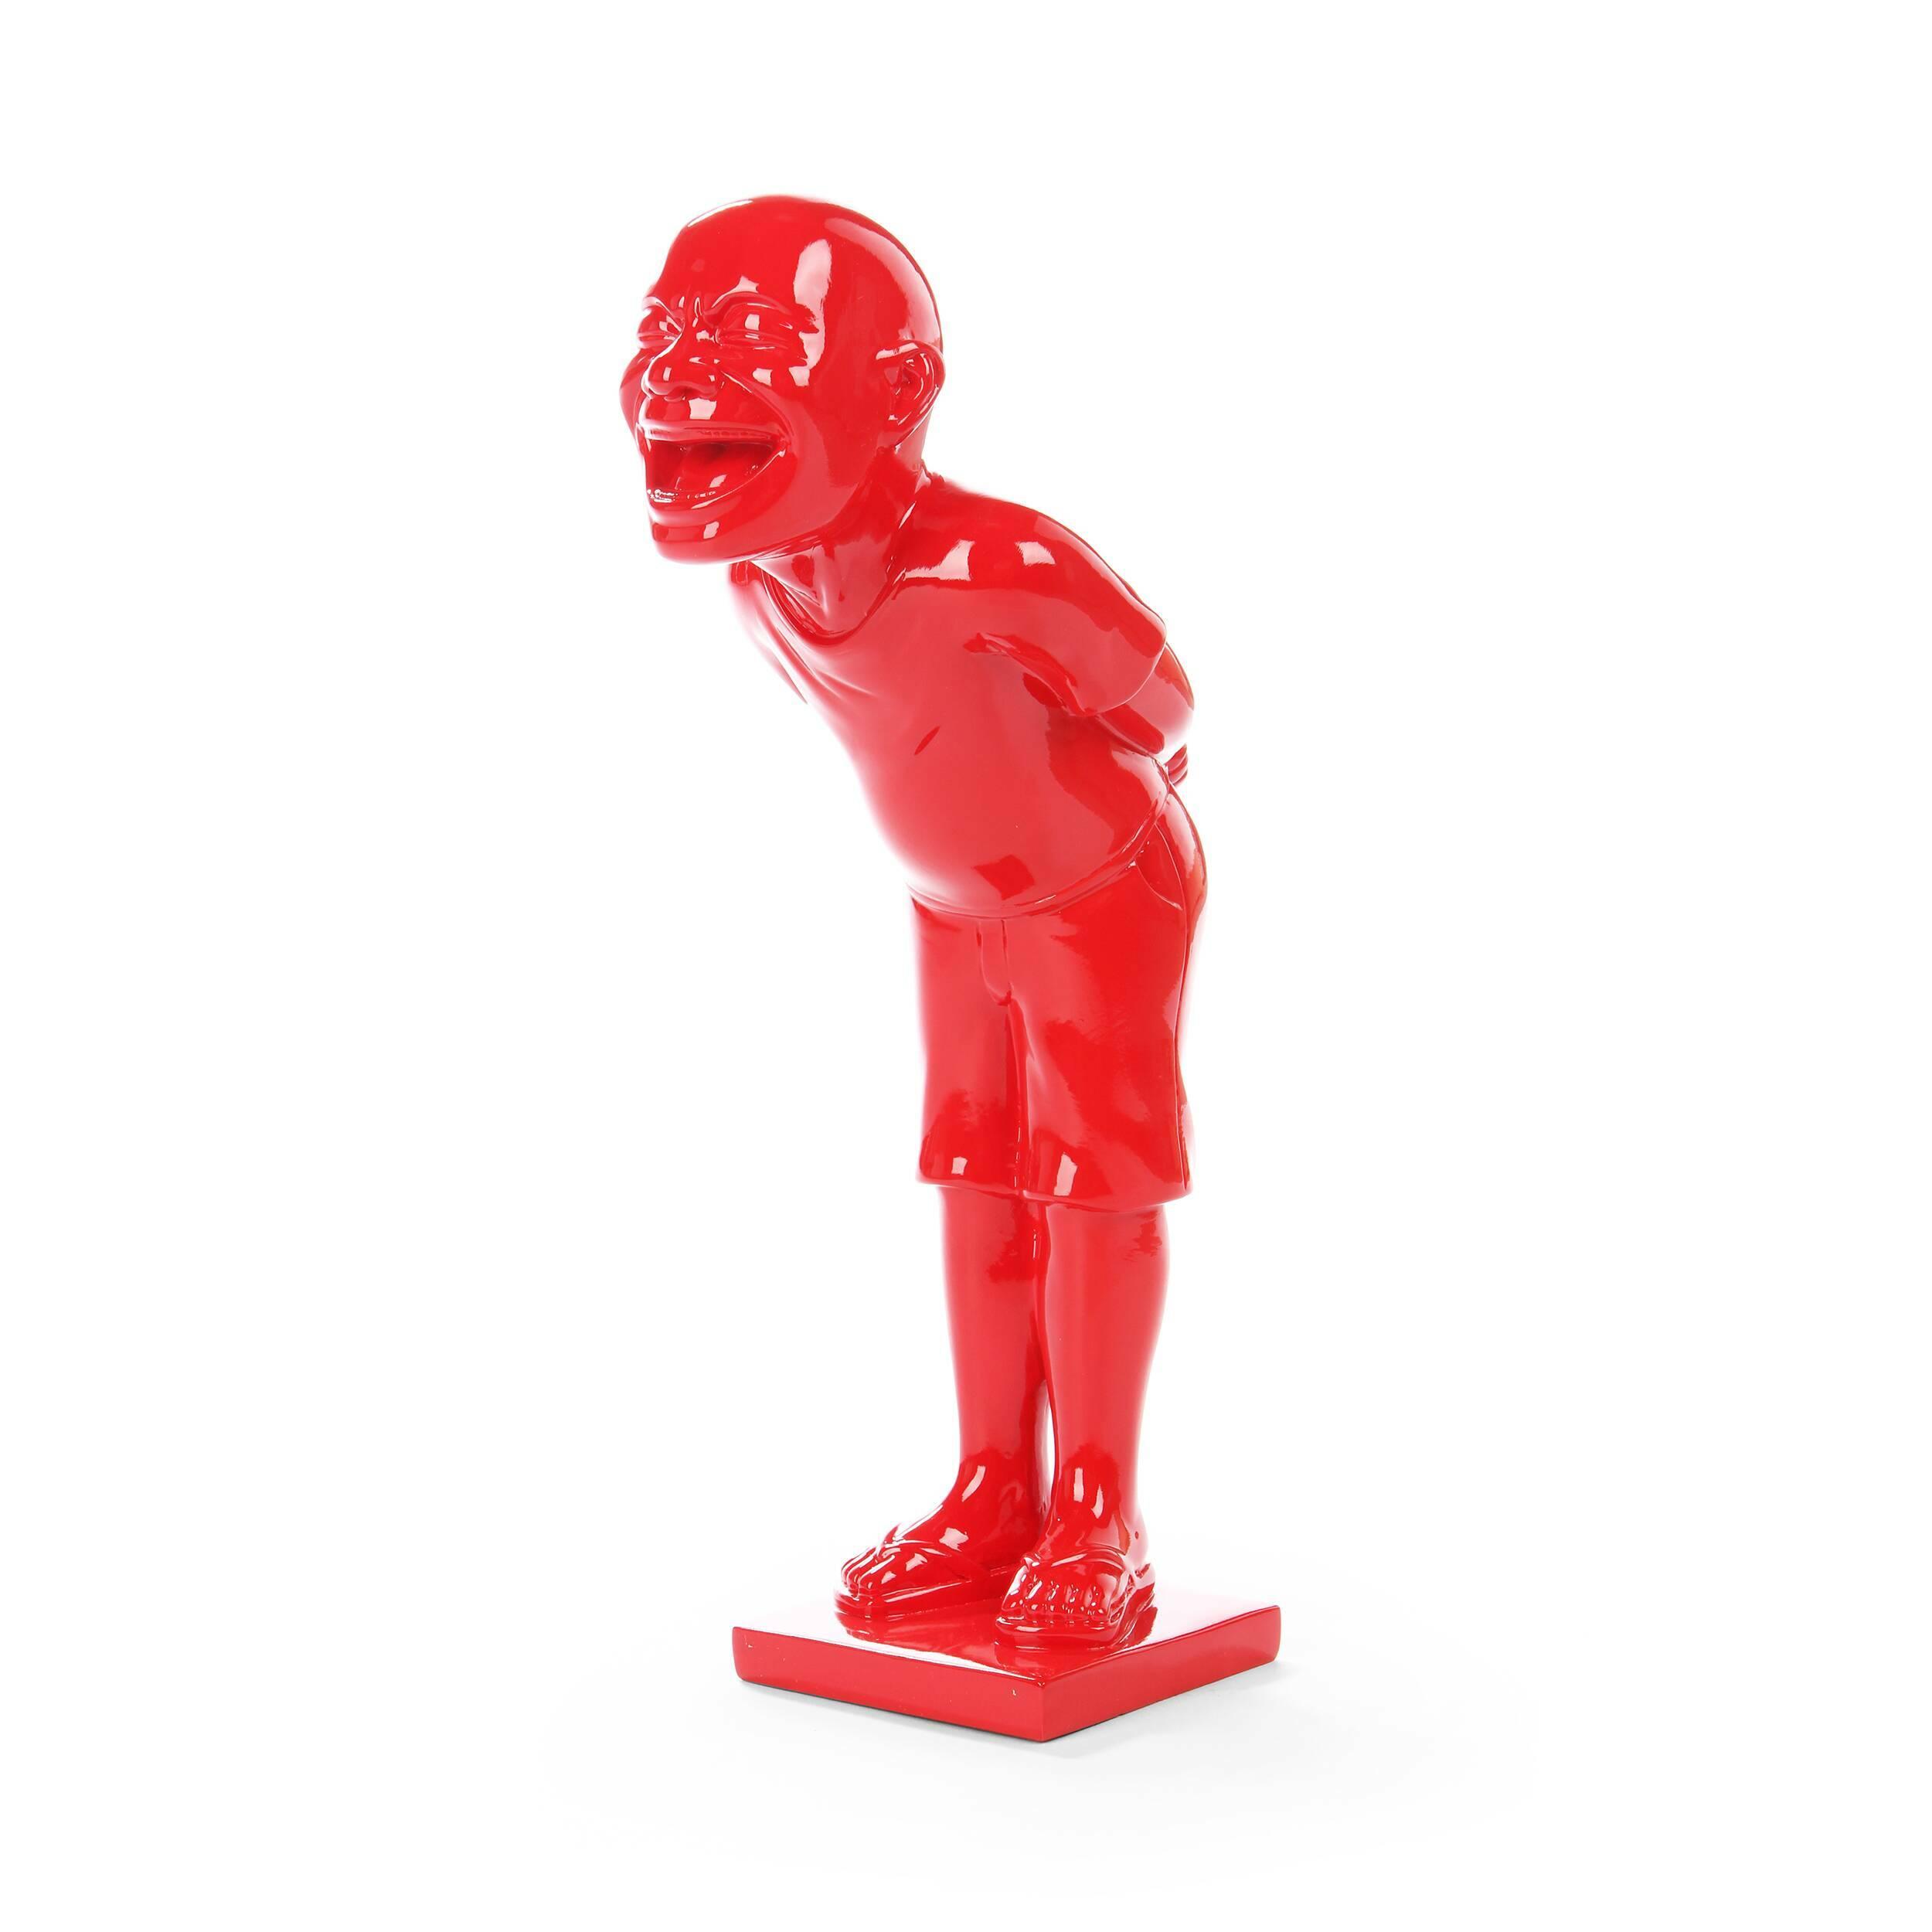 Статуэтка LaughНастольные<br>Дизайнерская авторская красная статуэтка Laugh (Лаф) из полистоуна от Cosmo (Космо).<br> Как и чем удивить и порадовать своих гостей? Конечно же, яркой и остроумной деталью вашего интерьера — оригинальной статуэткой Laugh.<br><br><br> Она принадлежит серии авторских статуэток, отражающих жесты невербального общения, эмоциональные состояния или различные черты характера. Такой яркий и оригинальный элемент декора станет хорошим подарком для тех, кто ценит современное искусство, любит красивые необычн...<br><br>stock: 2<br>Высота: 32<br>Ширина: 16<br>Материал: Полистоун<br>Цвет: Красный<br>Диаметр: 10